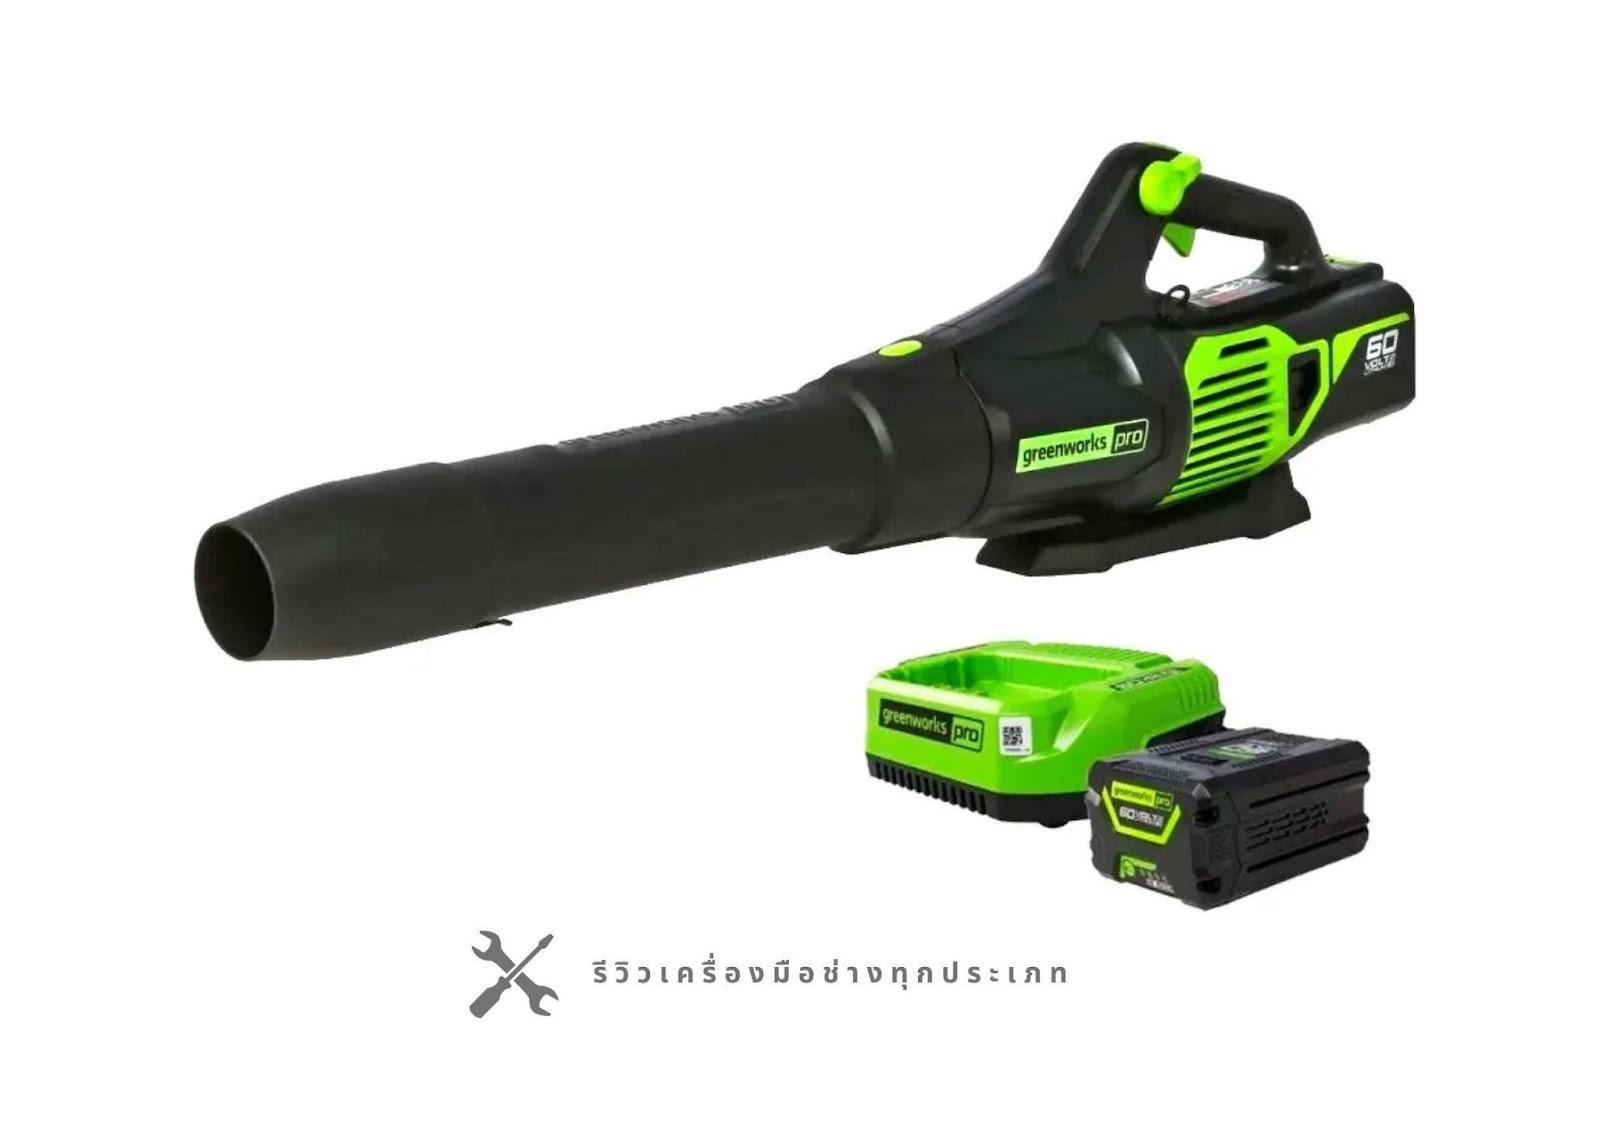 Greenworks Pro 60V 610 CFM Leaf Blower